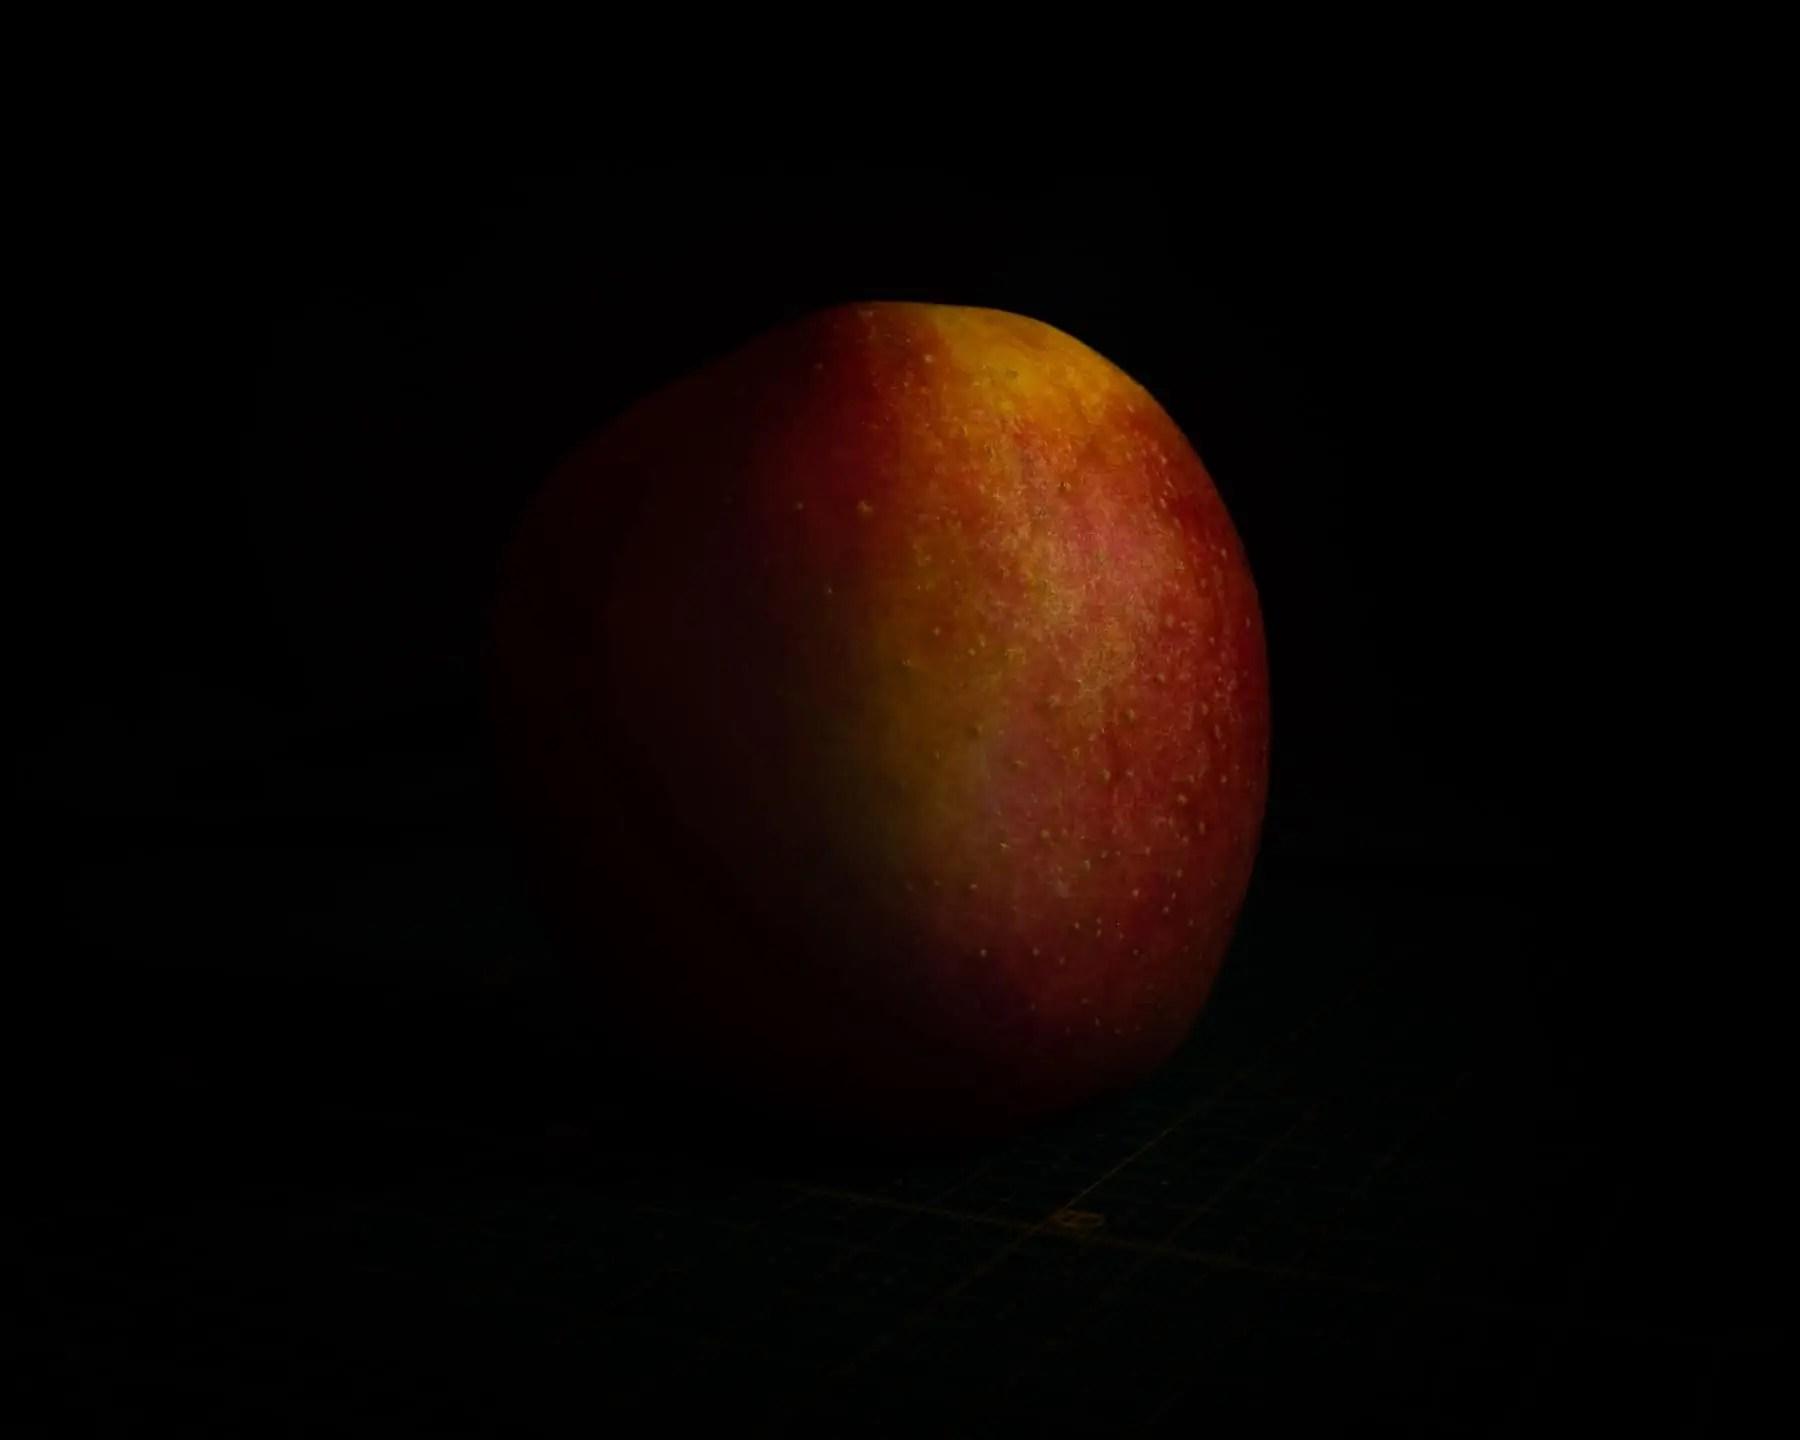 Zdjęcia jabłek w stylu rembrandta kolor - Zdjęcia jabłek - polskie owoce